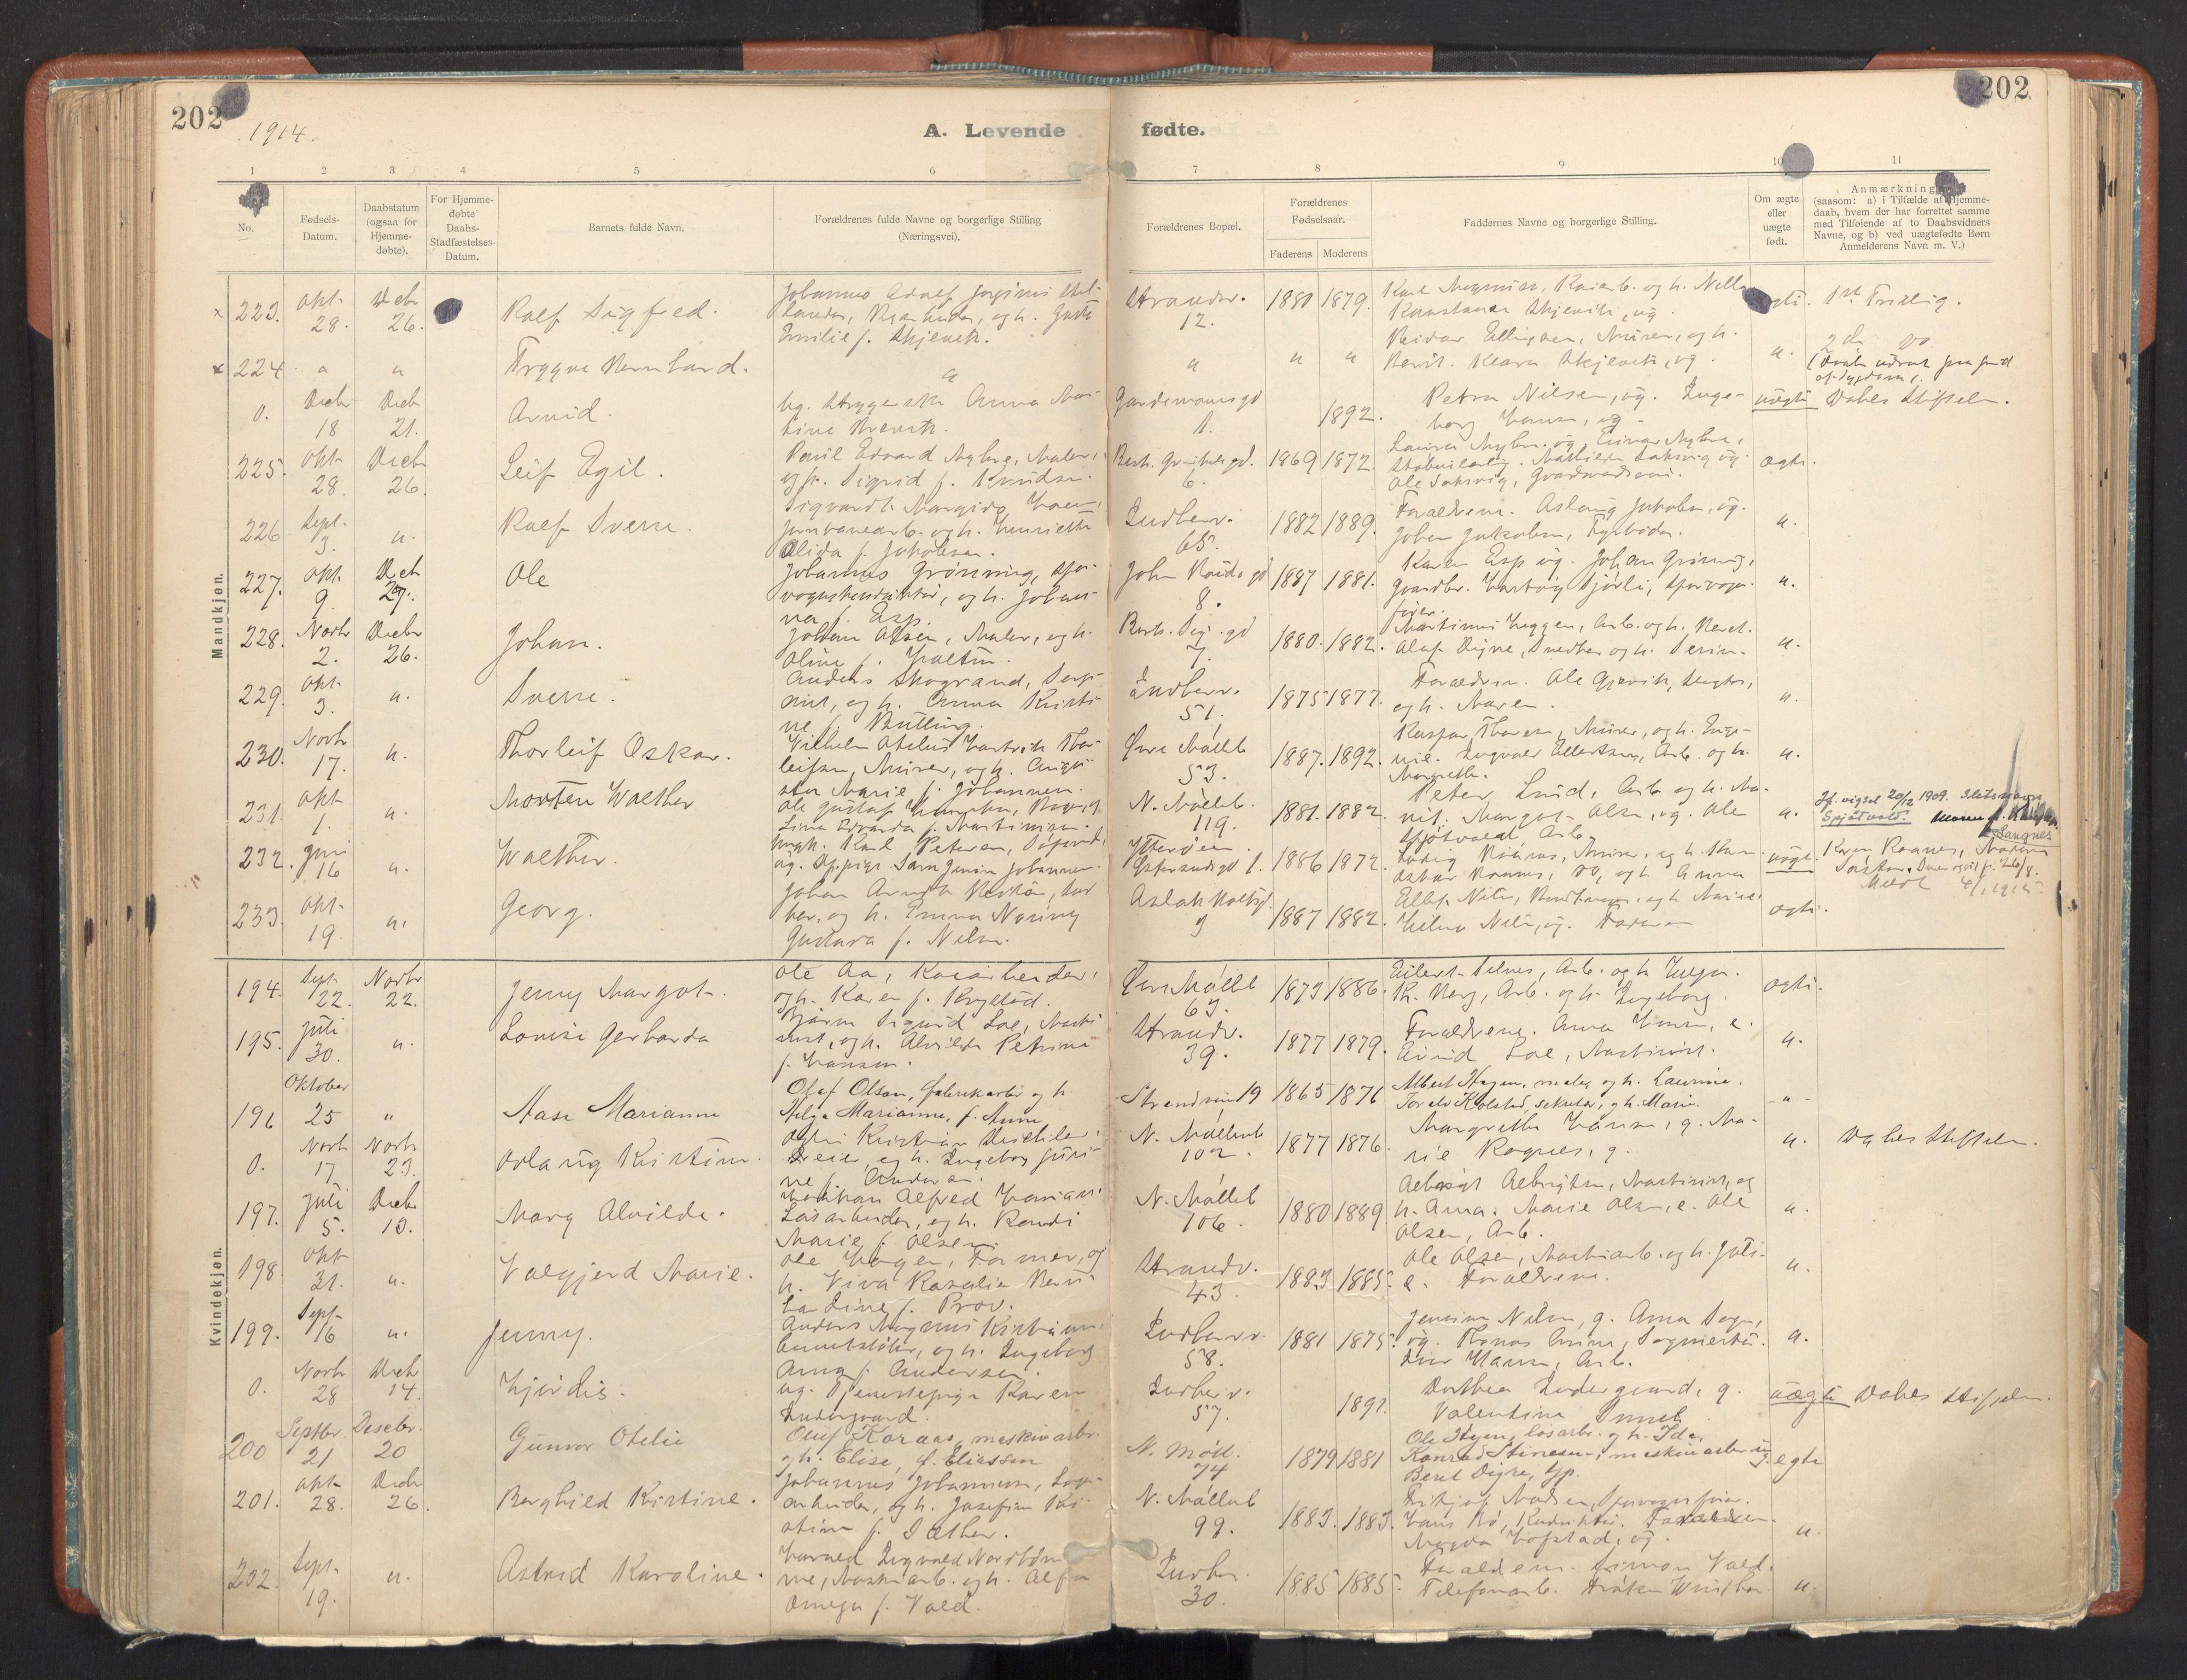 SAT, Ministerialprotokoller, klokkerbøker og fødselsregistre - Sør-Trøndelag, 605/L0243: Ministerialbok nr. 605A05, 1908-1923, s. 202